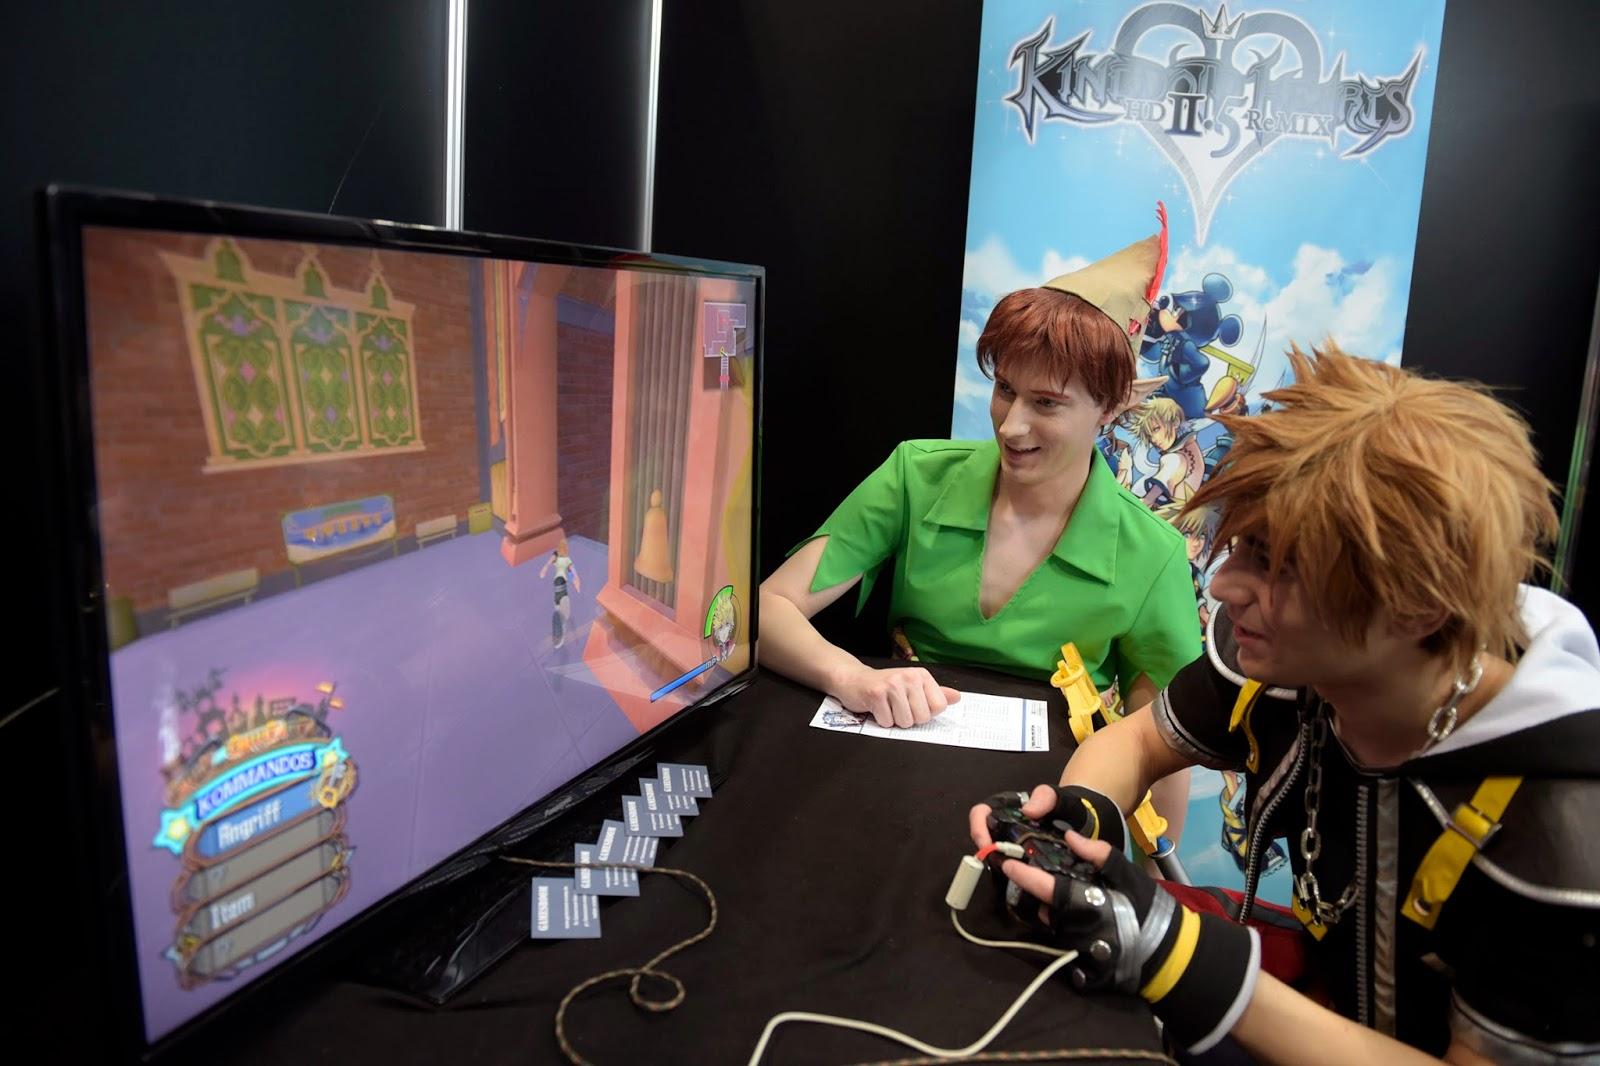 http://www.manga-comic-con.de/de/Presse/Multimedia/Fotos/